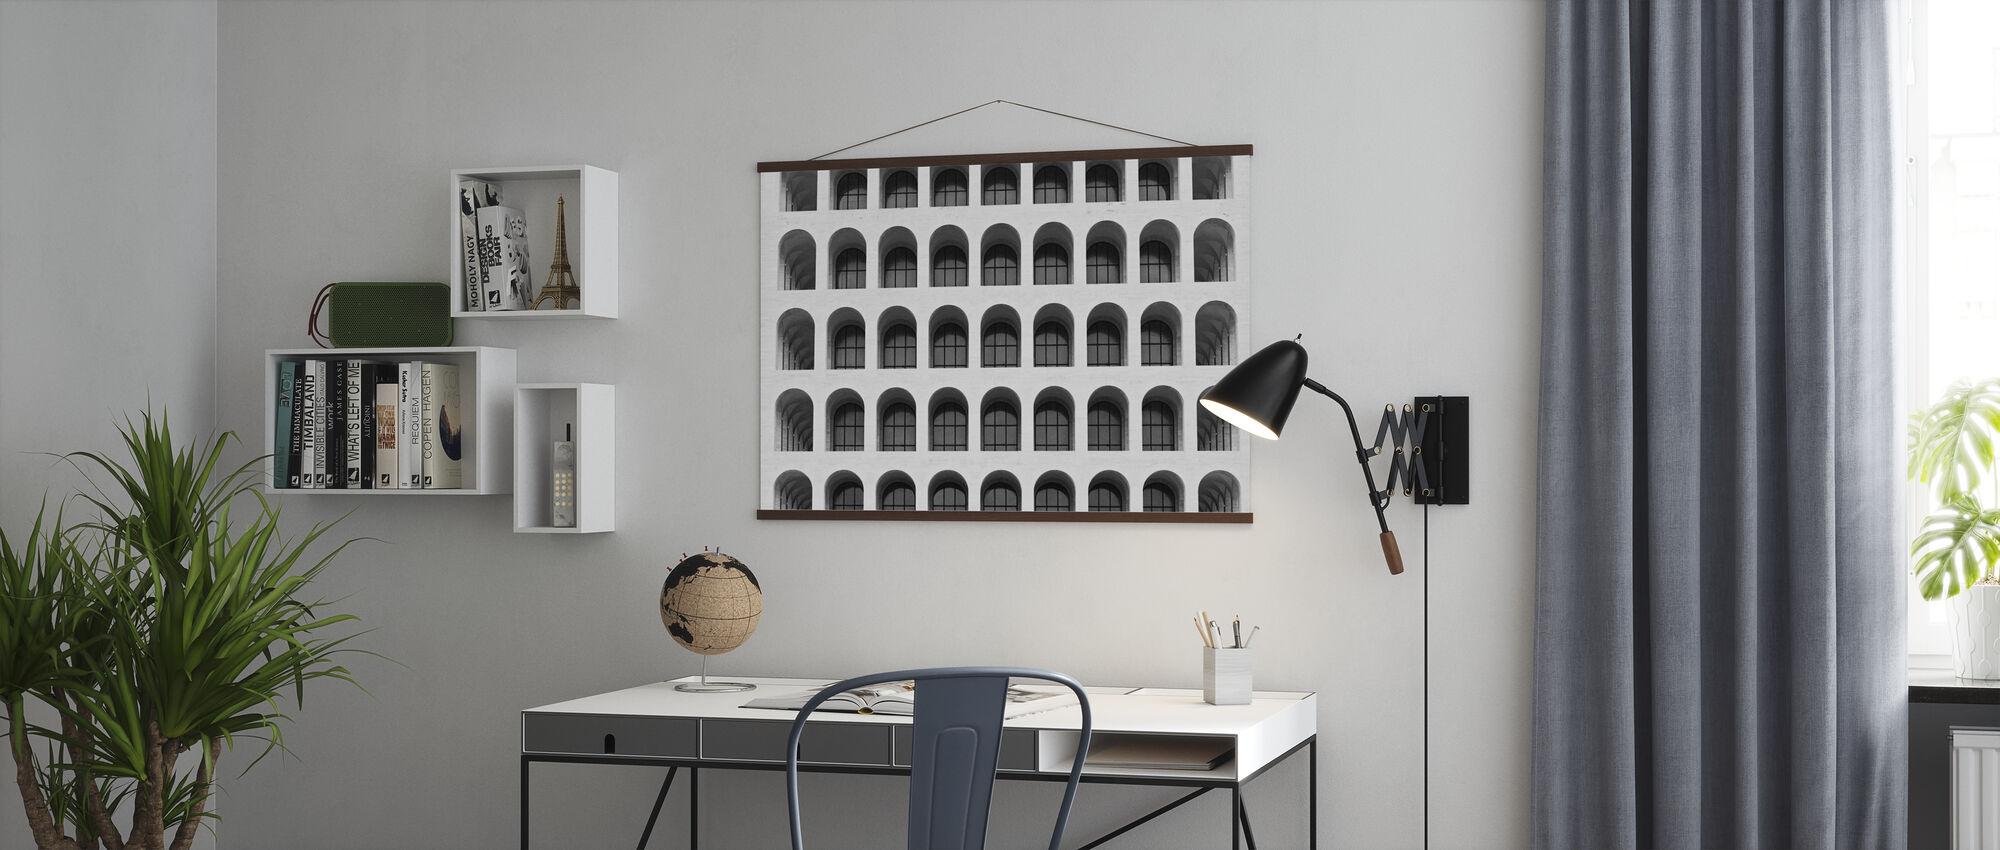 Colosseum-vinduer - Plakat - Kontor